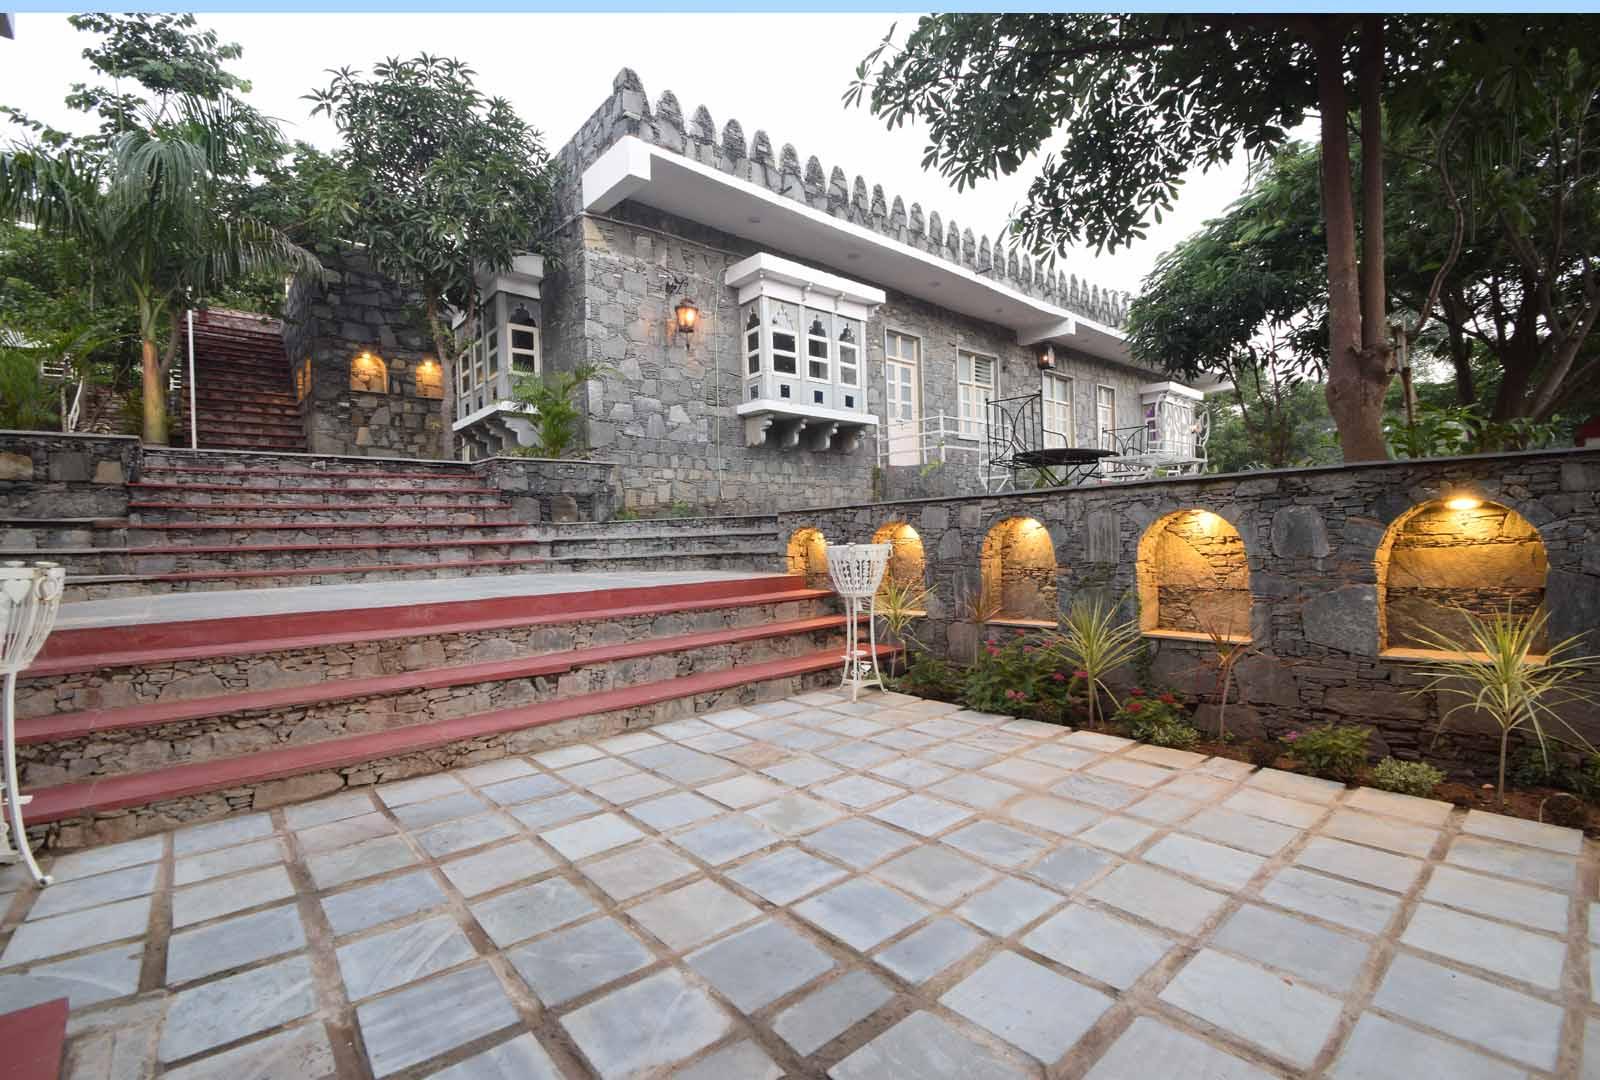 Hotel in Kumbhalgarh | Budgeted Resort in Kumbhalgarh | Keya Valley Resort